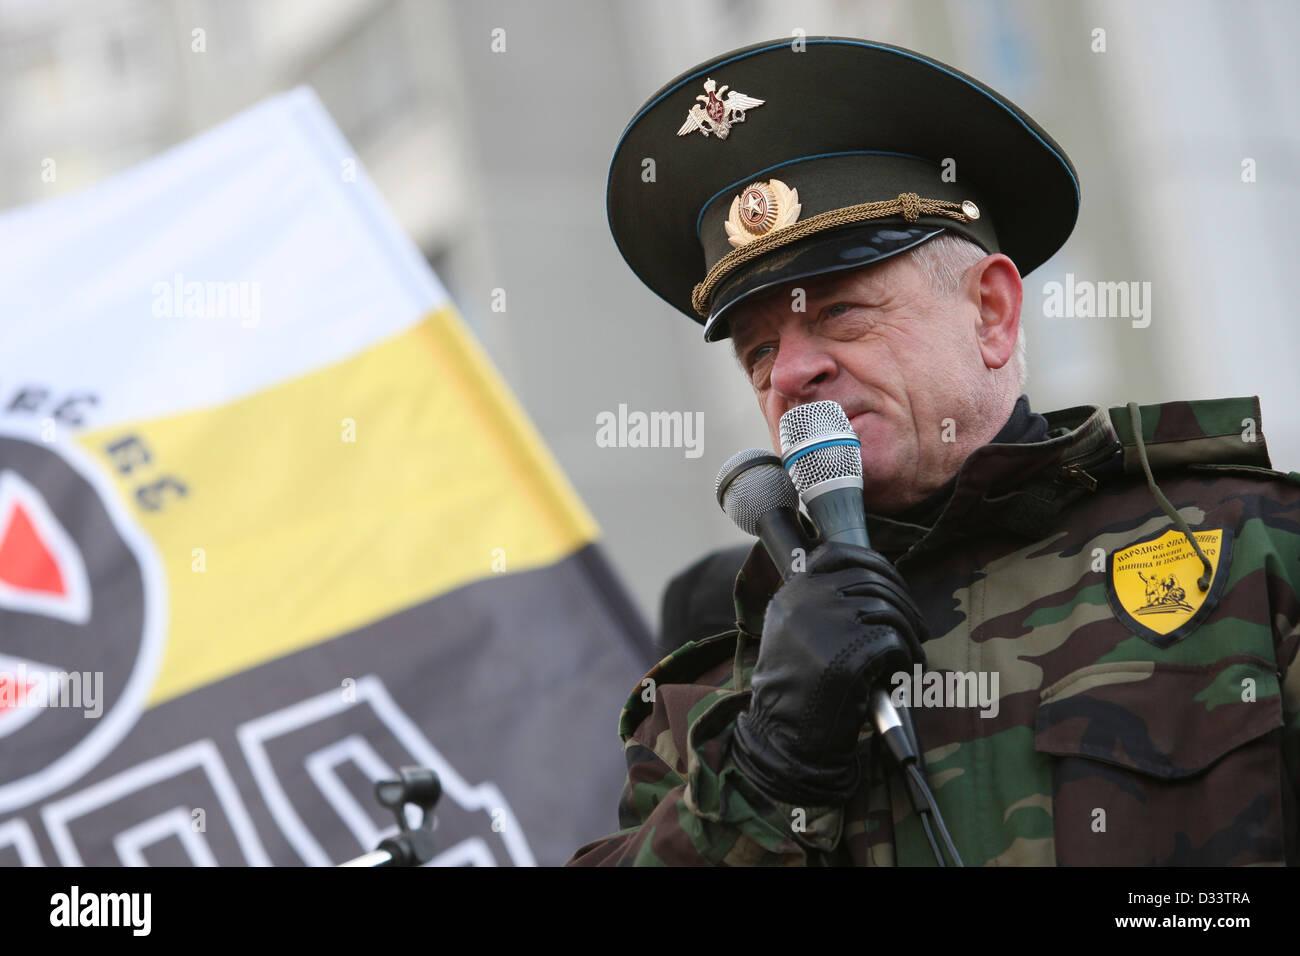 Ehemaliger Geheimdienst-Offizier Vladimir Kvachkov verurteilt zu 13 ...